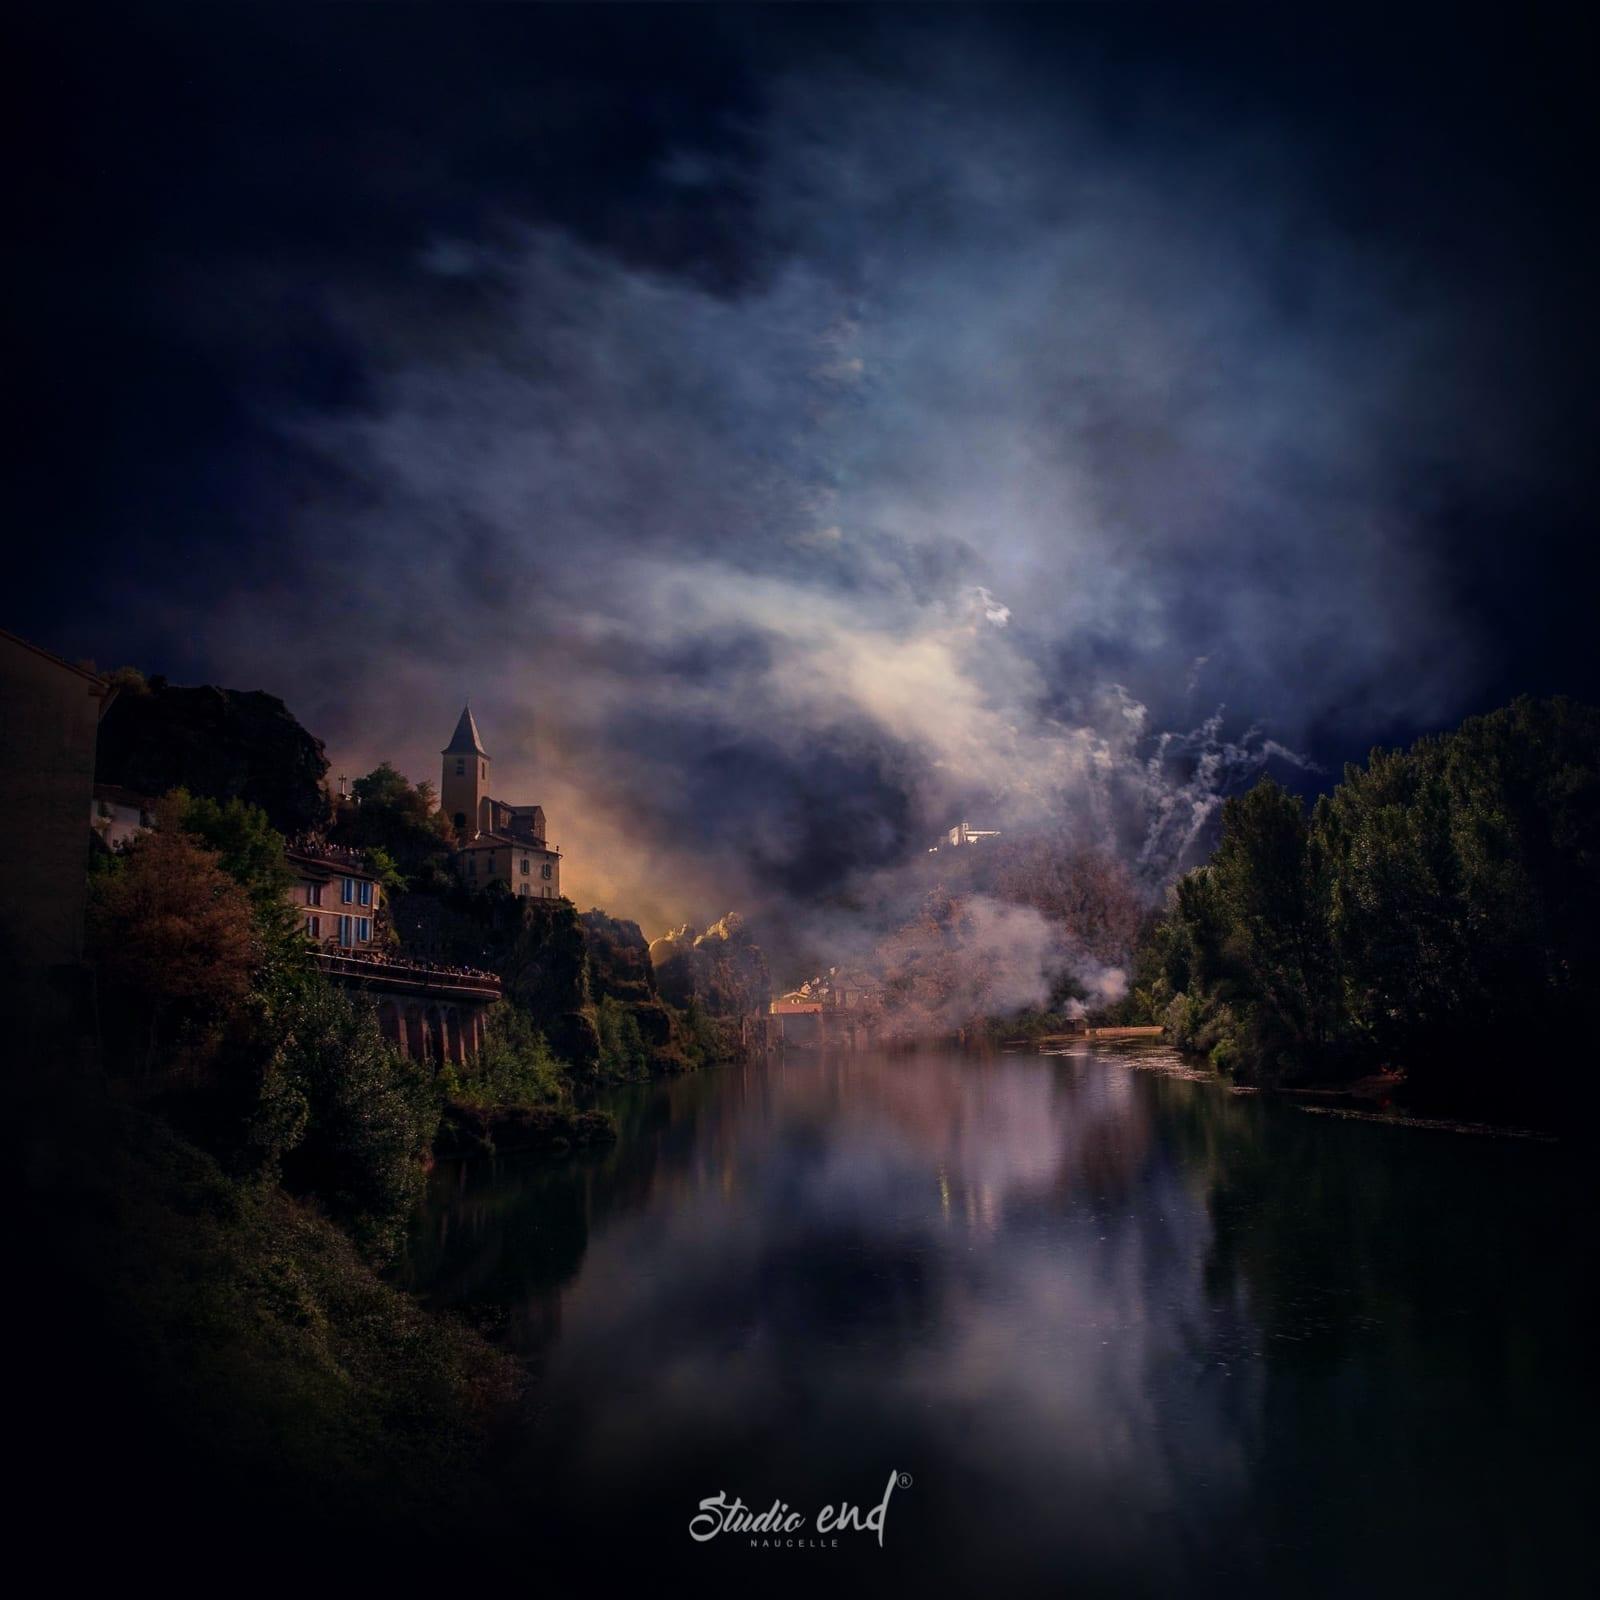 Photographie de paysage nocturne Studio End Naucelle Aveyron